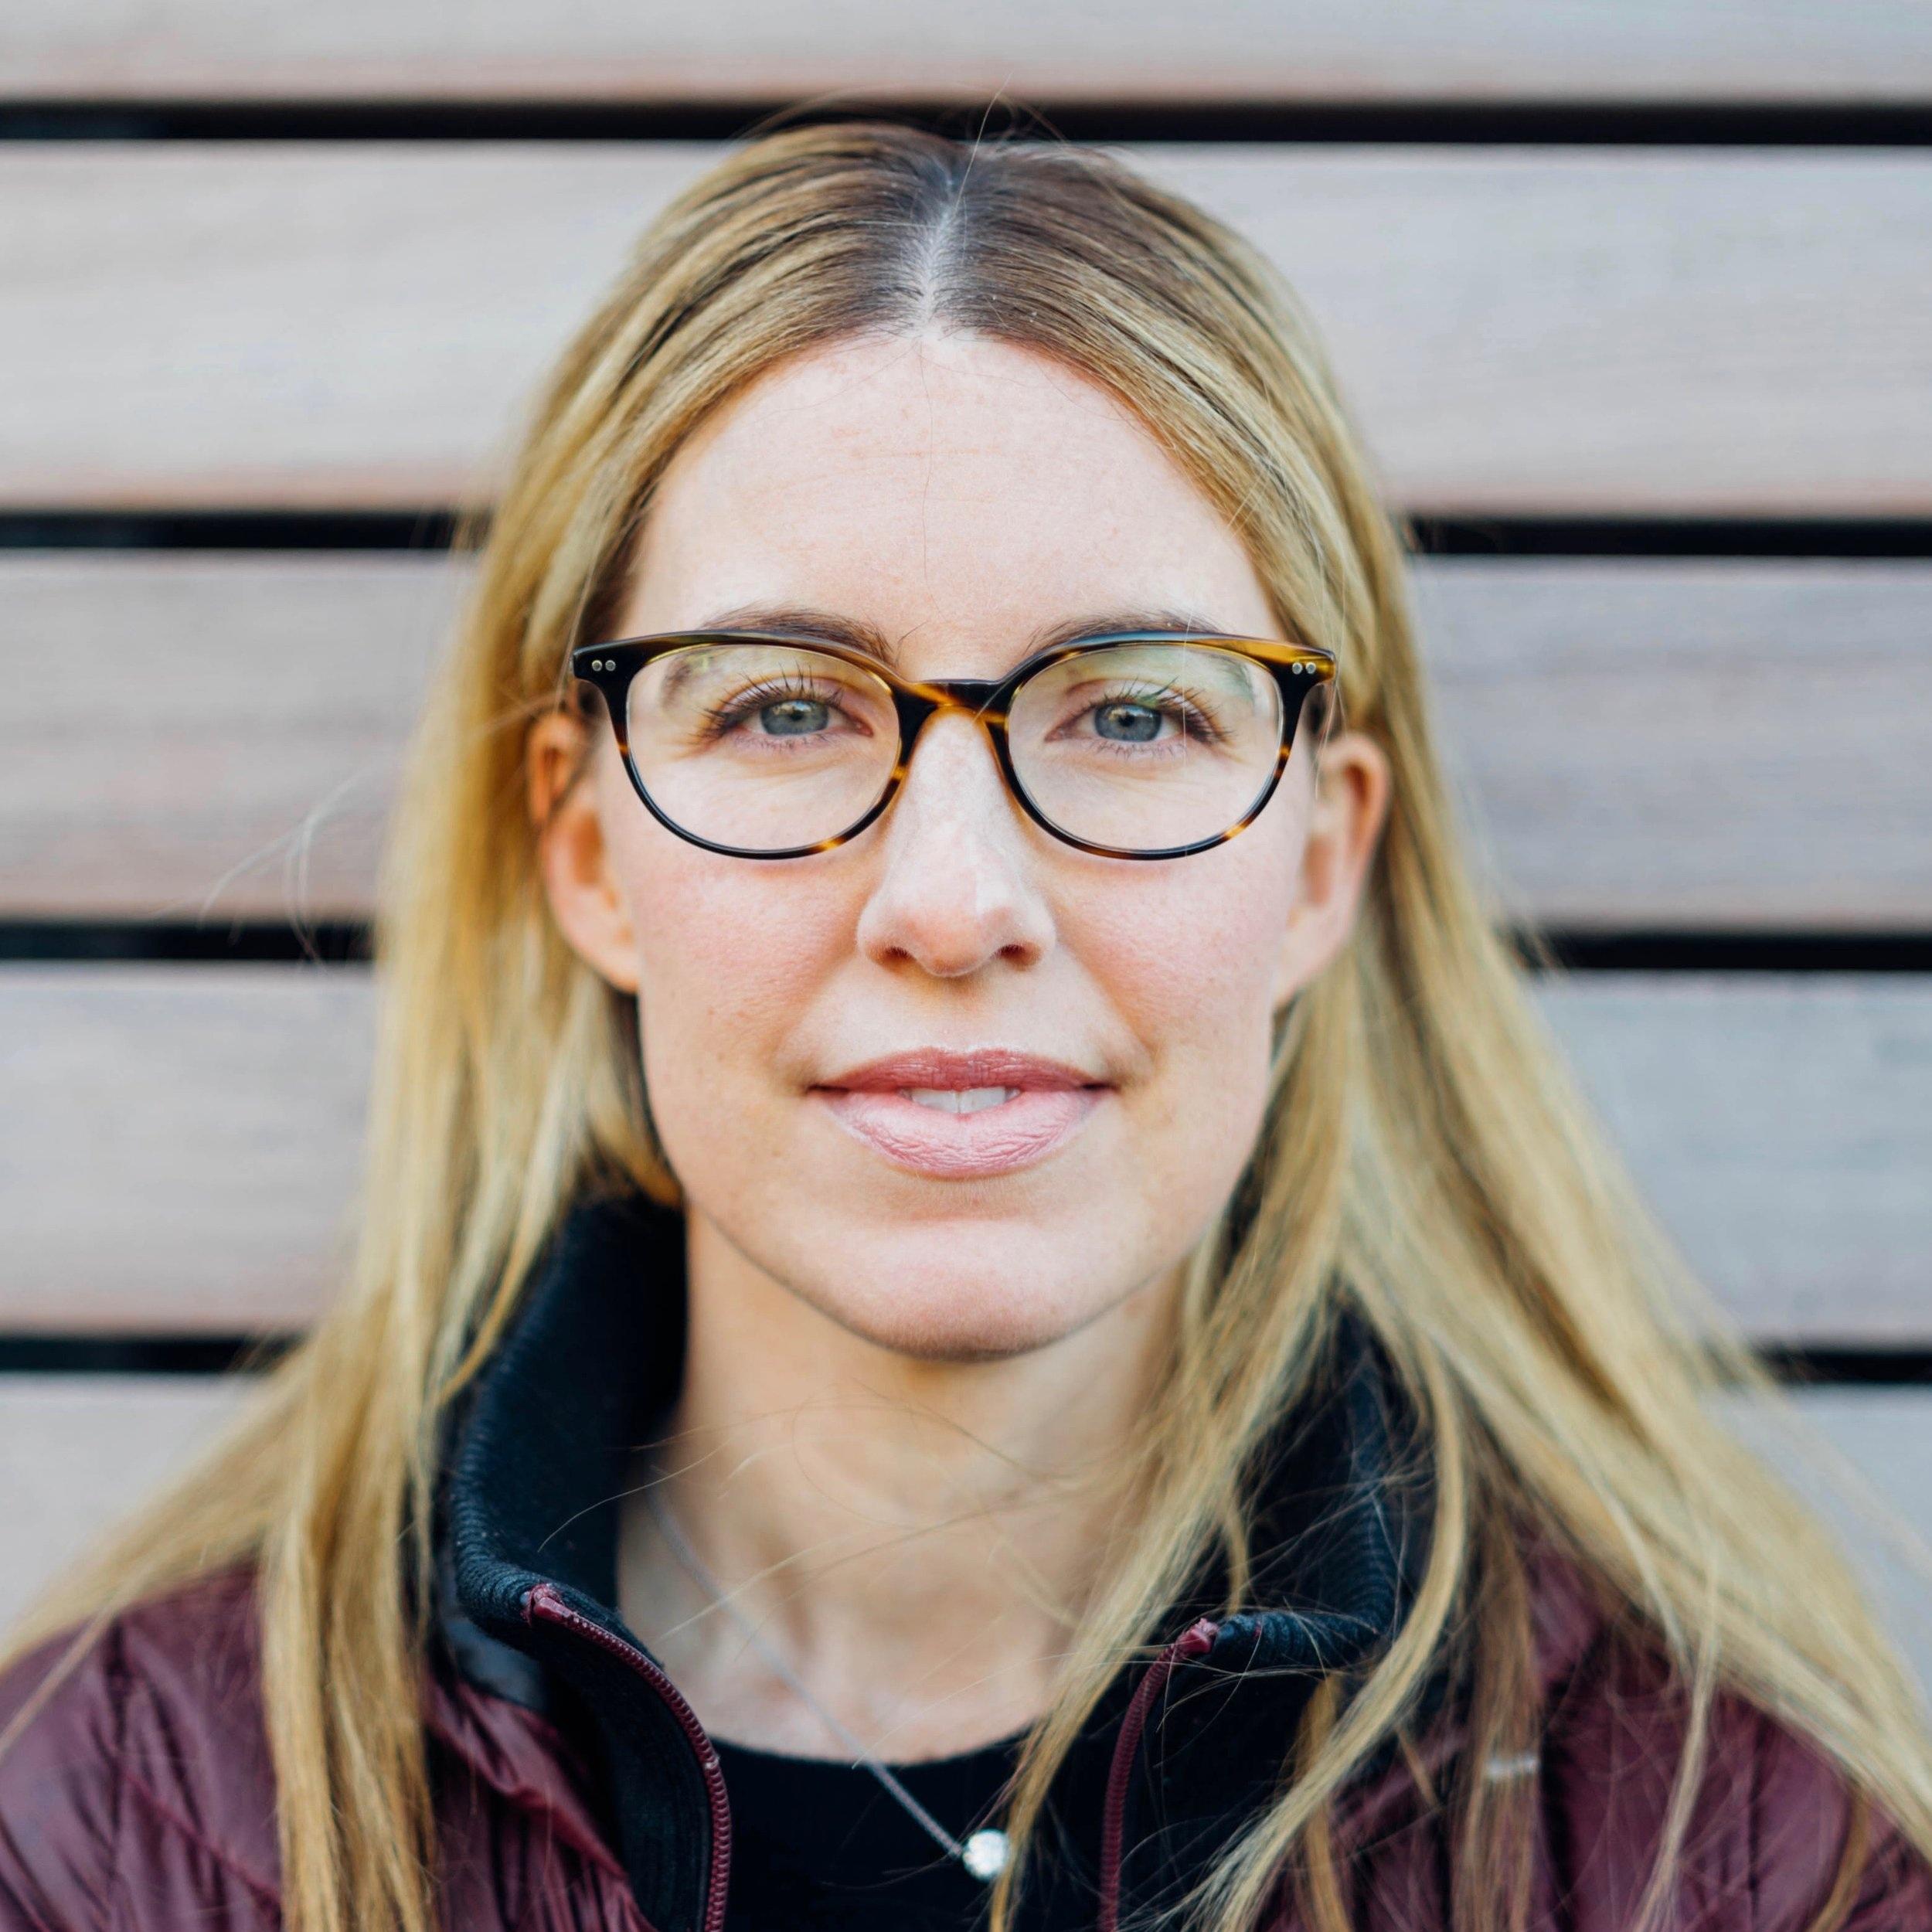 Kara Dennis - SVP and GM, Life Sciences, Clarify Health